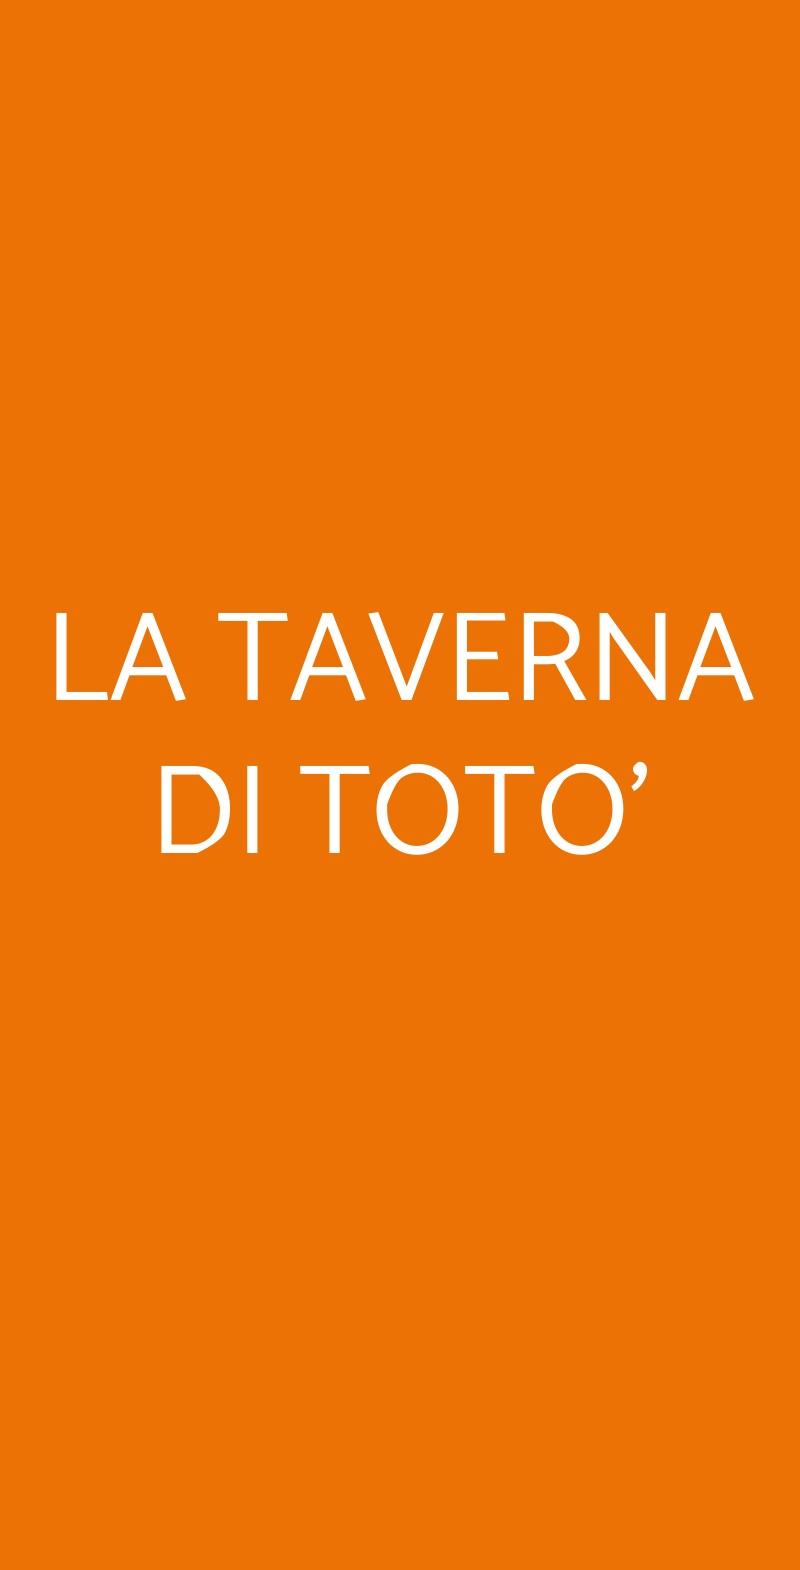 LA TAVERNA DI TOTO' Napoli menù 1 pagina